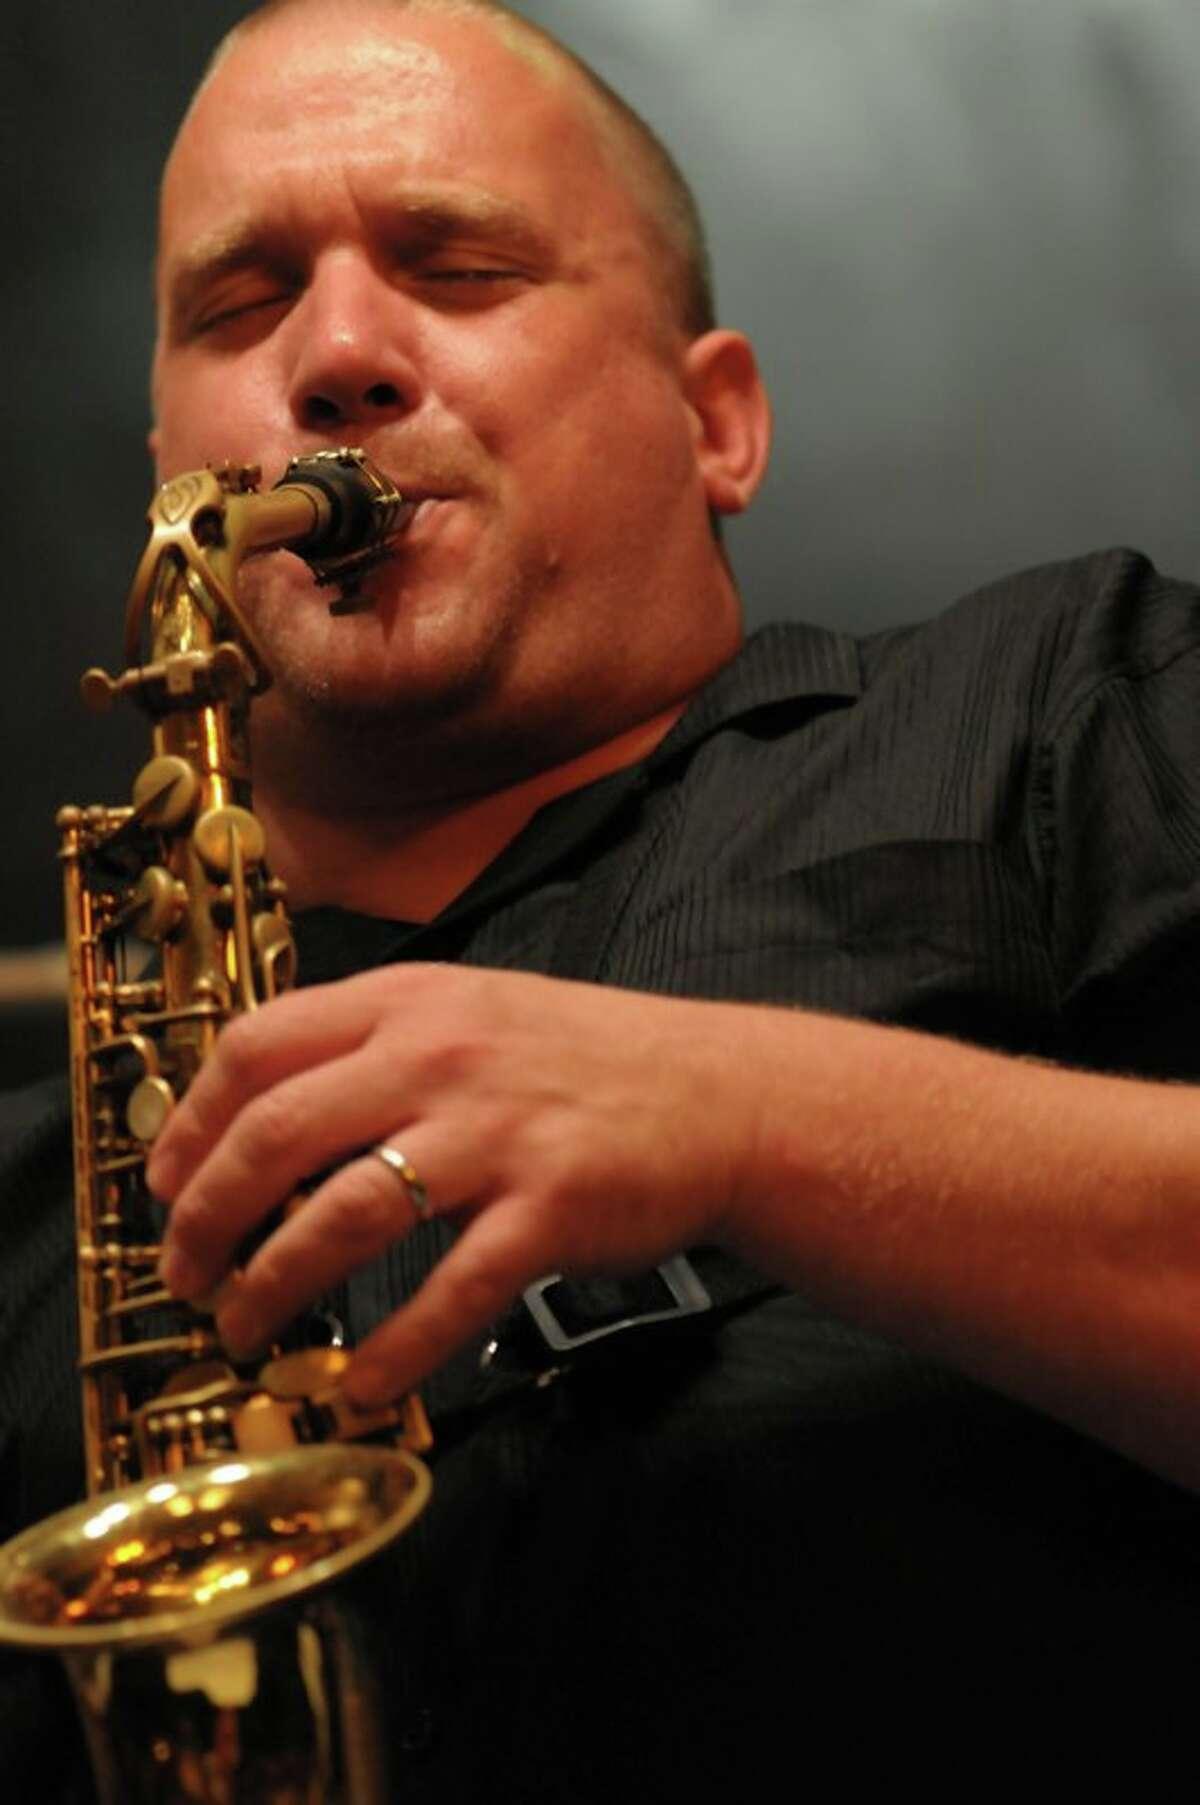 Keith Pray (Photo by Andrzej Pilarczyk)